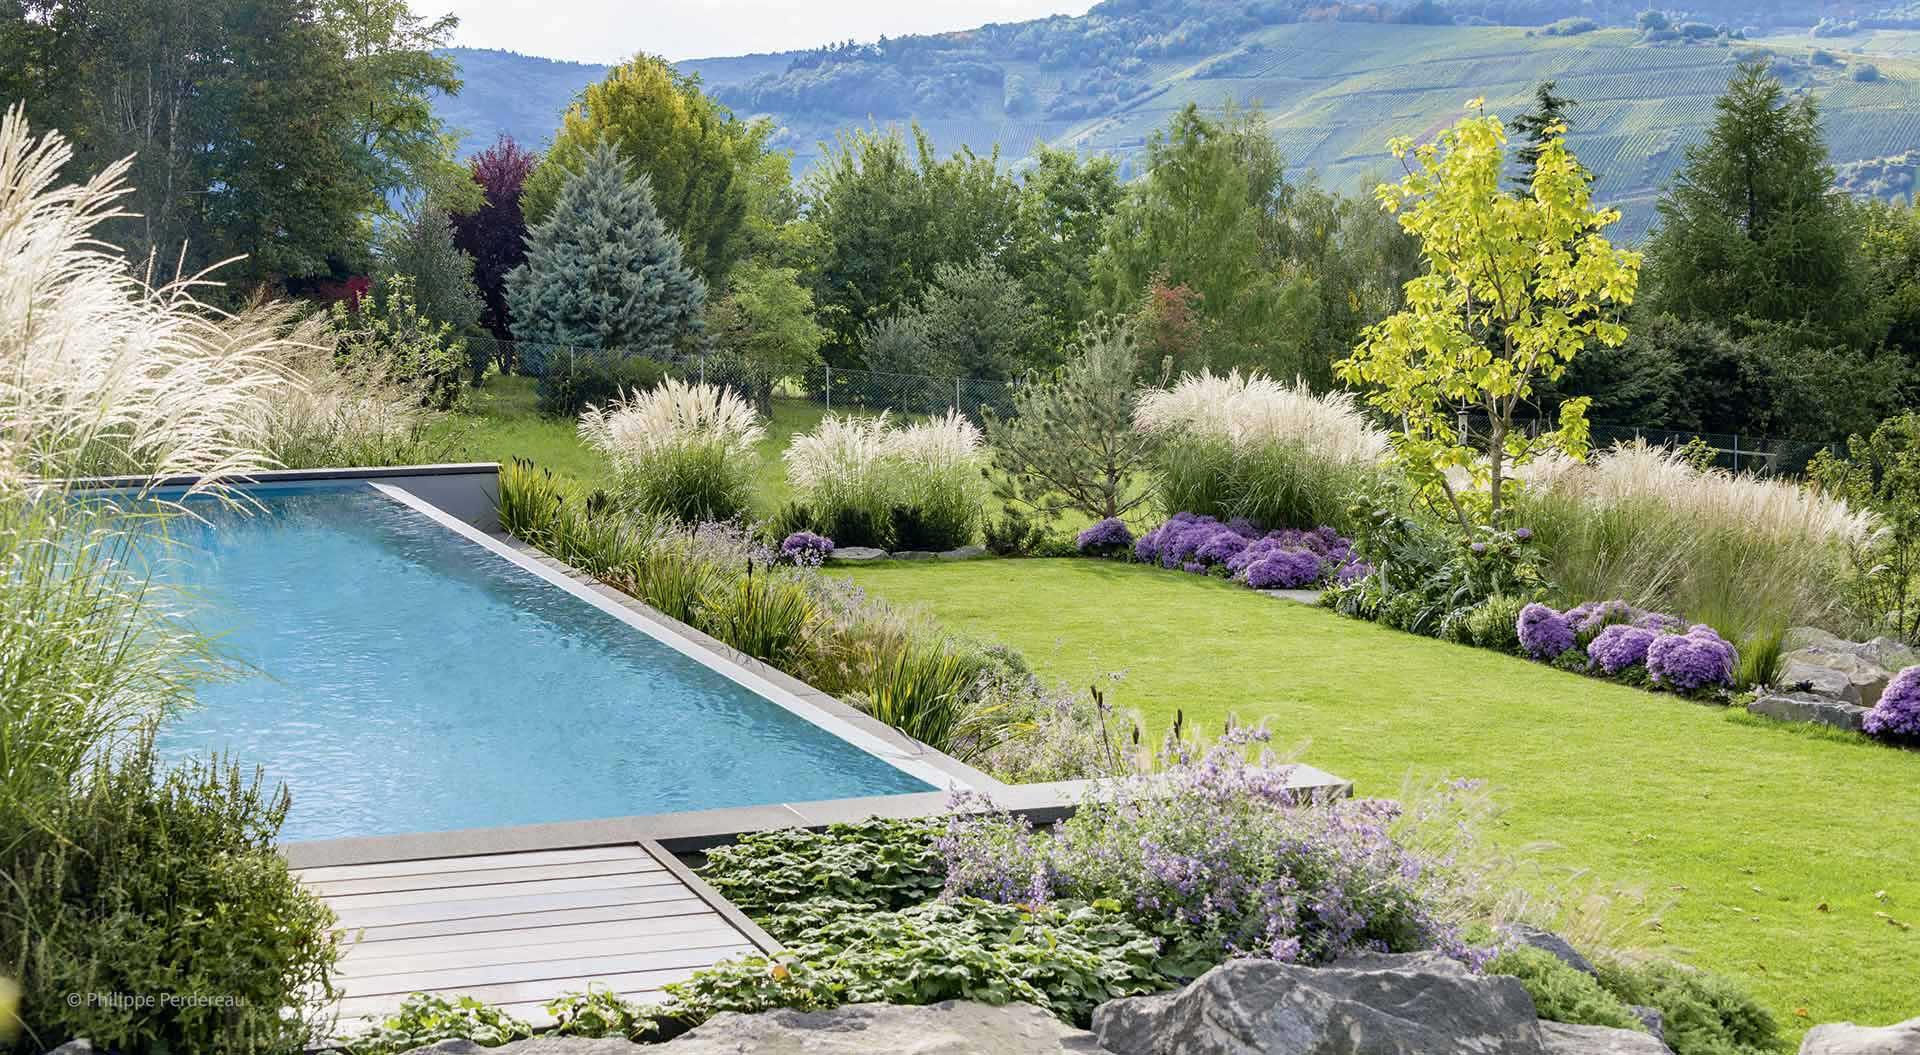 Pool am bunten bepflanzten Garten